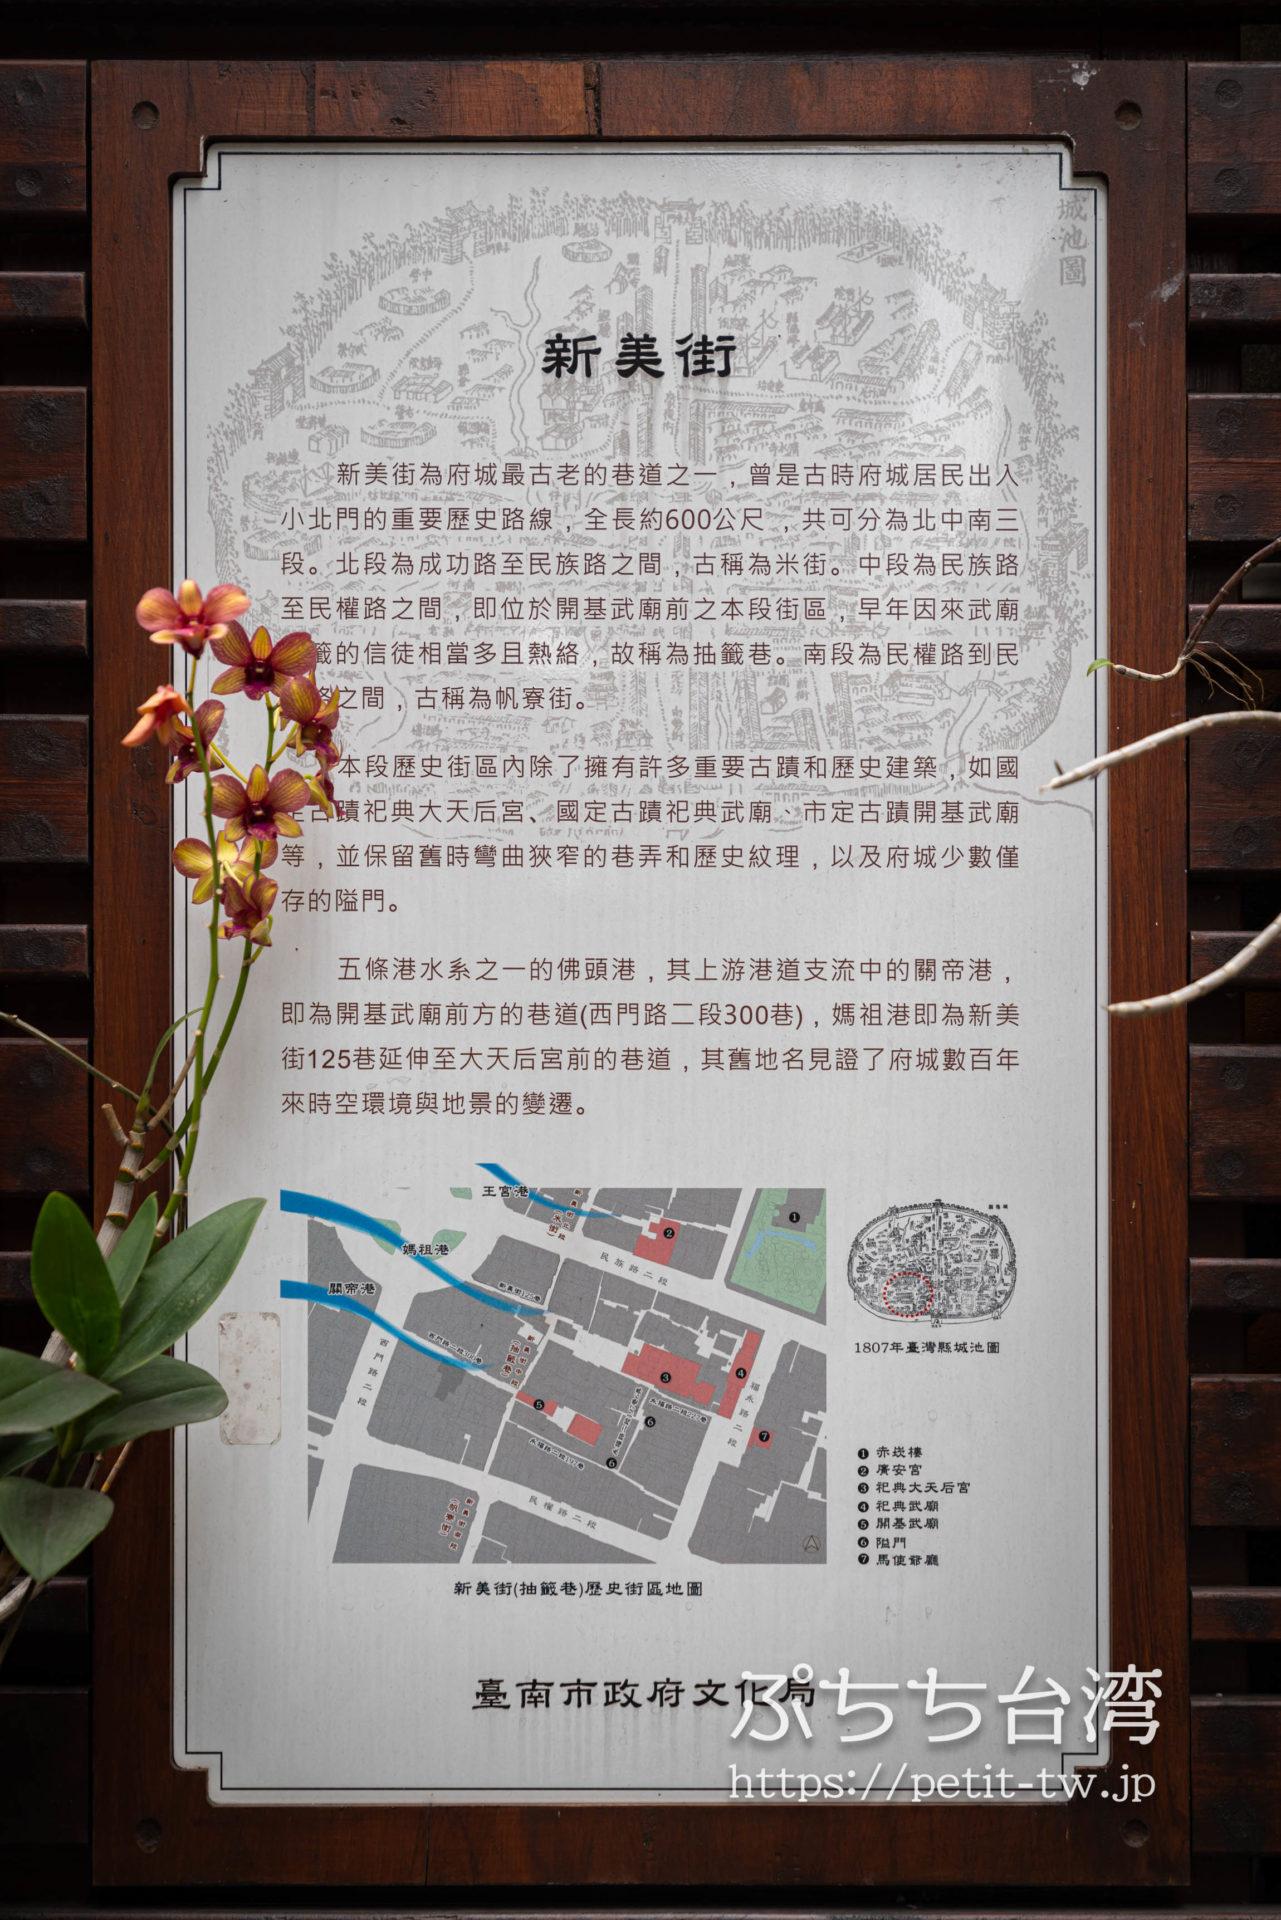 台南の歴史街区 新美街 Xīn měi jiēの解説